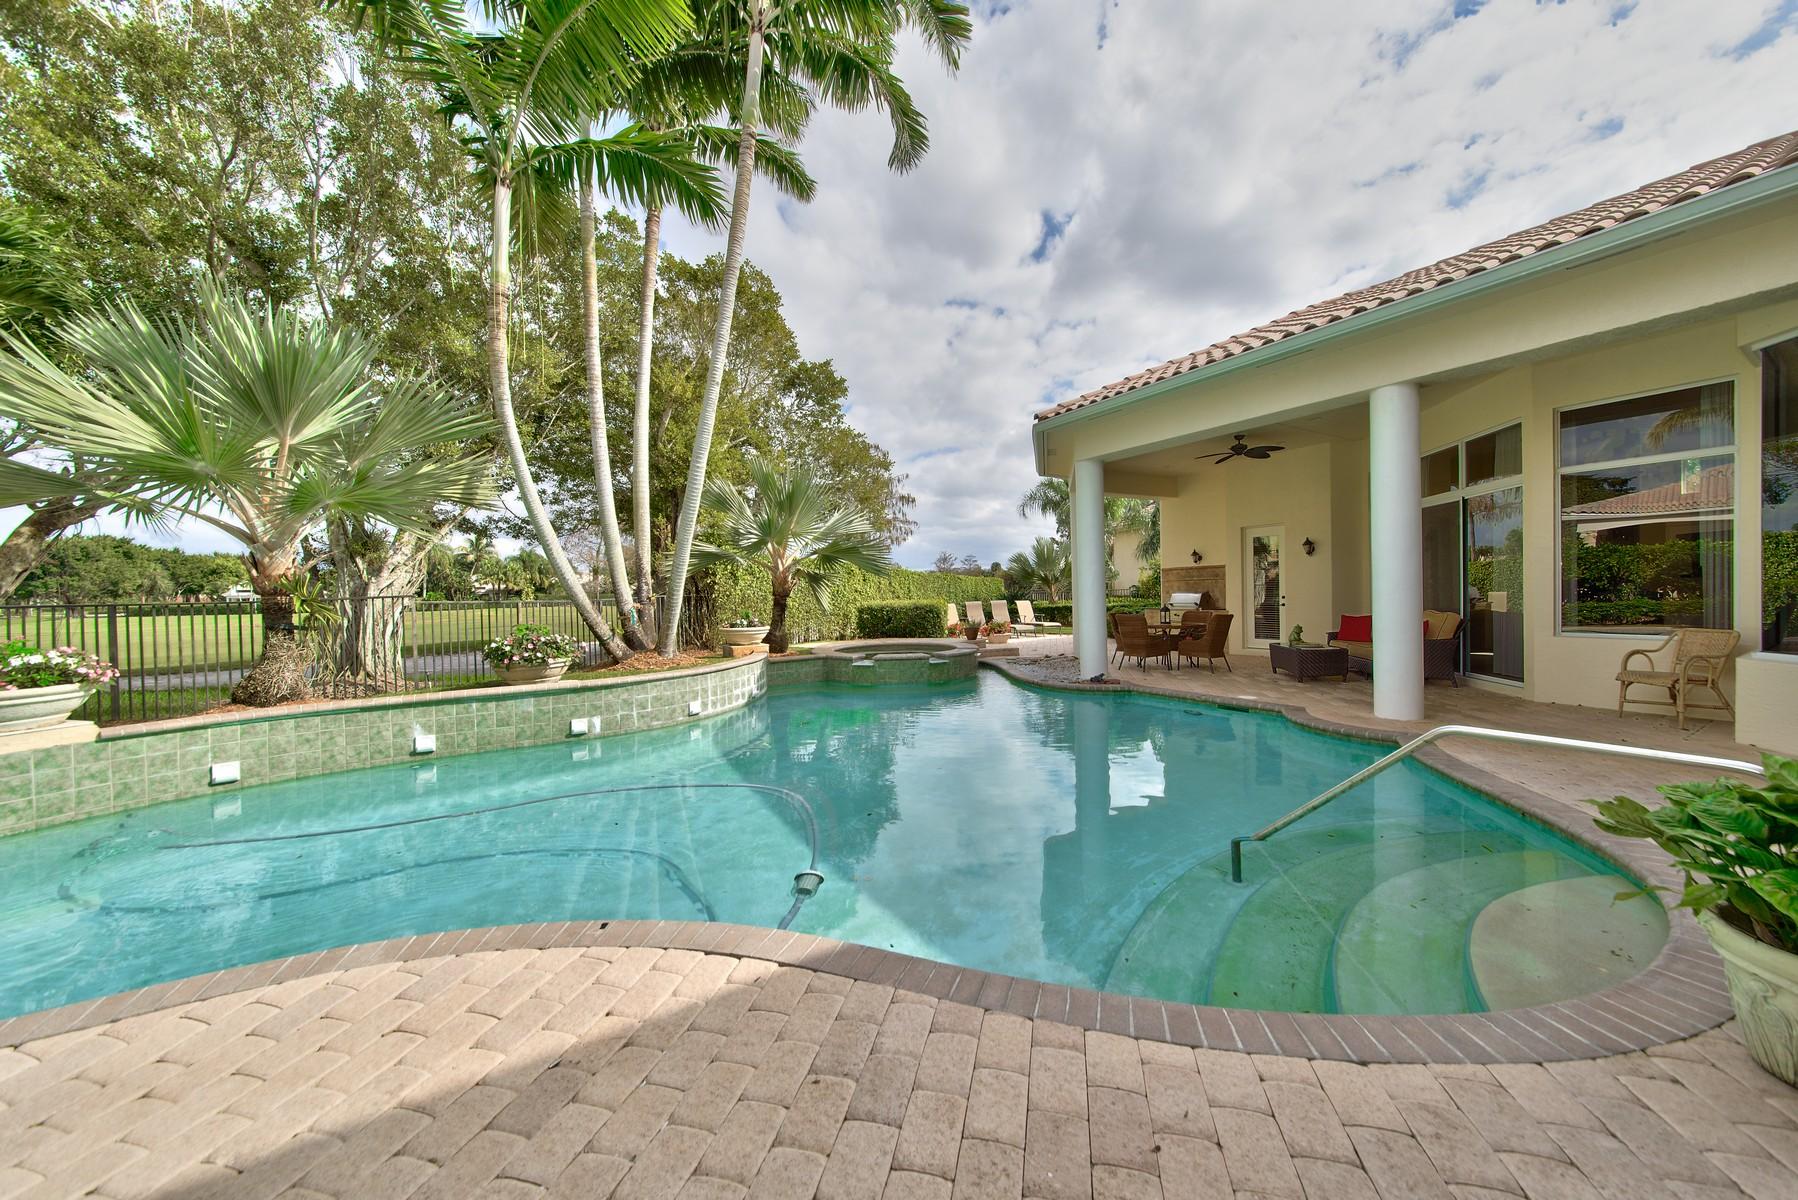 独户住宅 为 销售 在 12832 Mizner Way Mizner Estates, 惠灵顿, 佛罗里达州 33414 美国